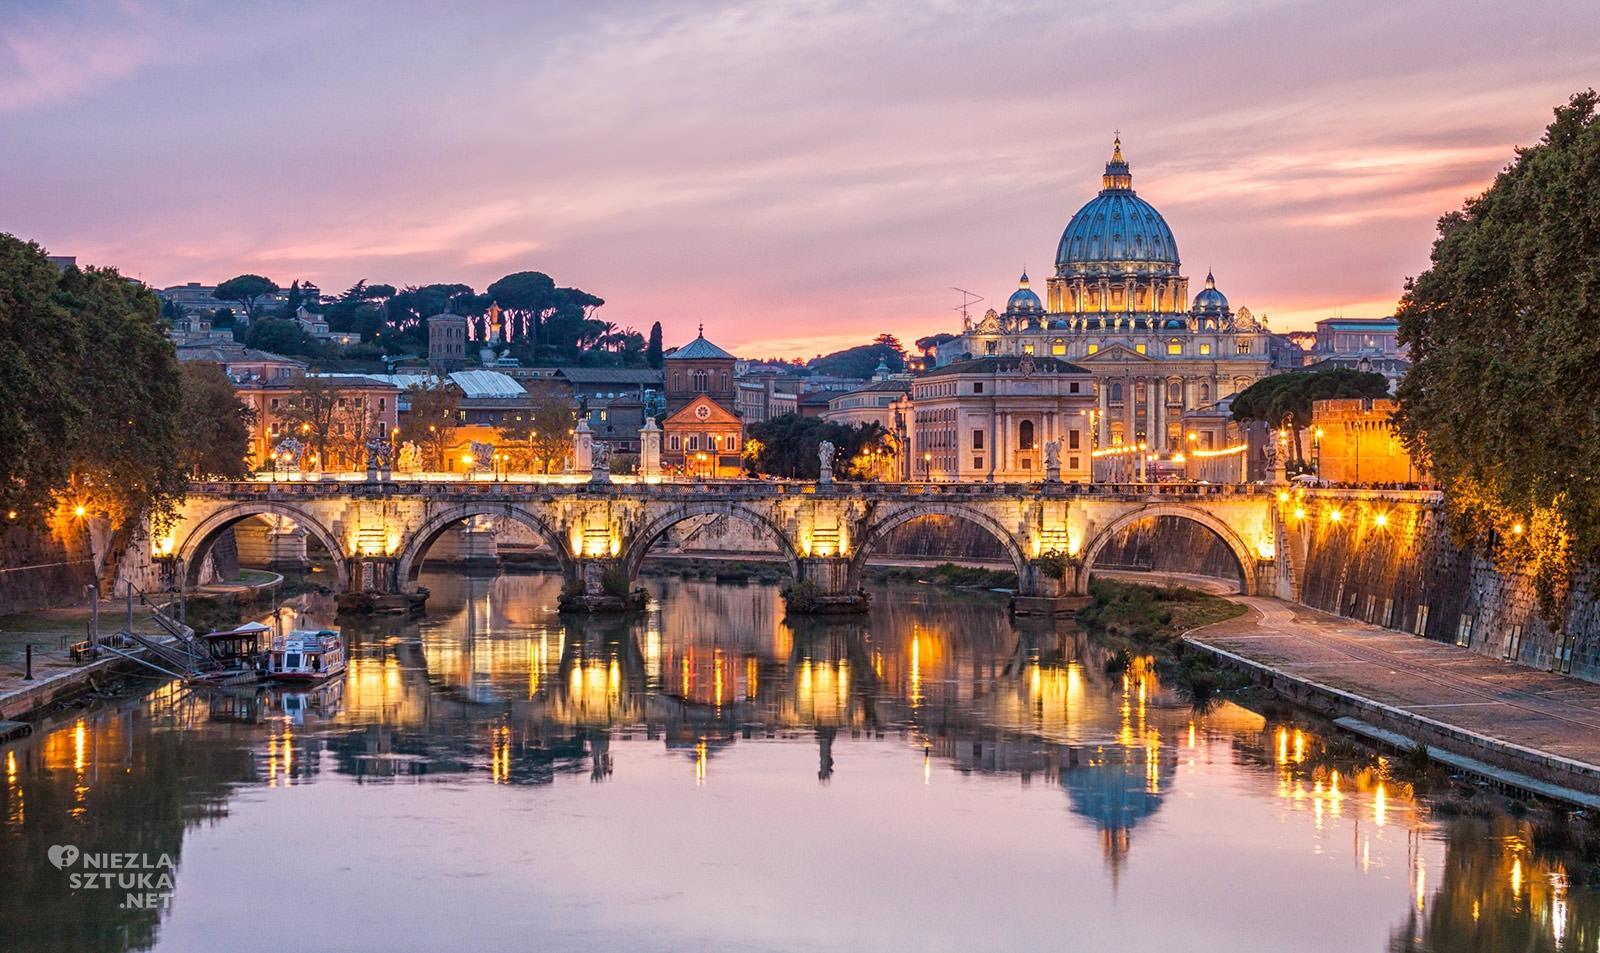 Rzym, panorama, Bernini, sztuka włoska, spacer po Rzymie, przewodnik po Rzymie, Rzym śladem sztuki, Niezła sztuka